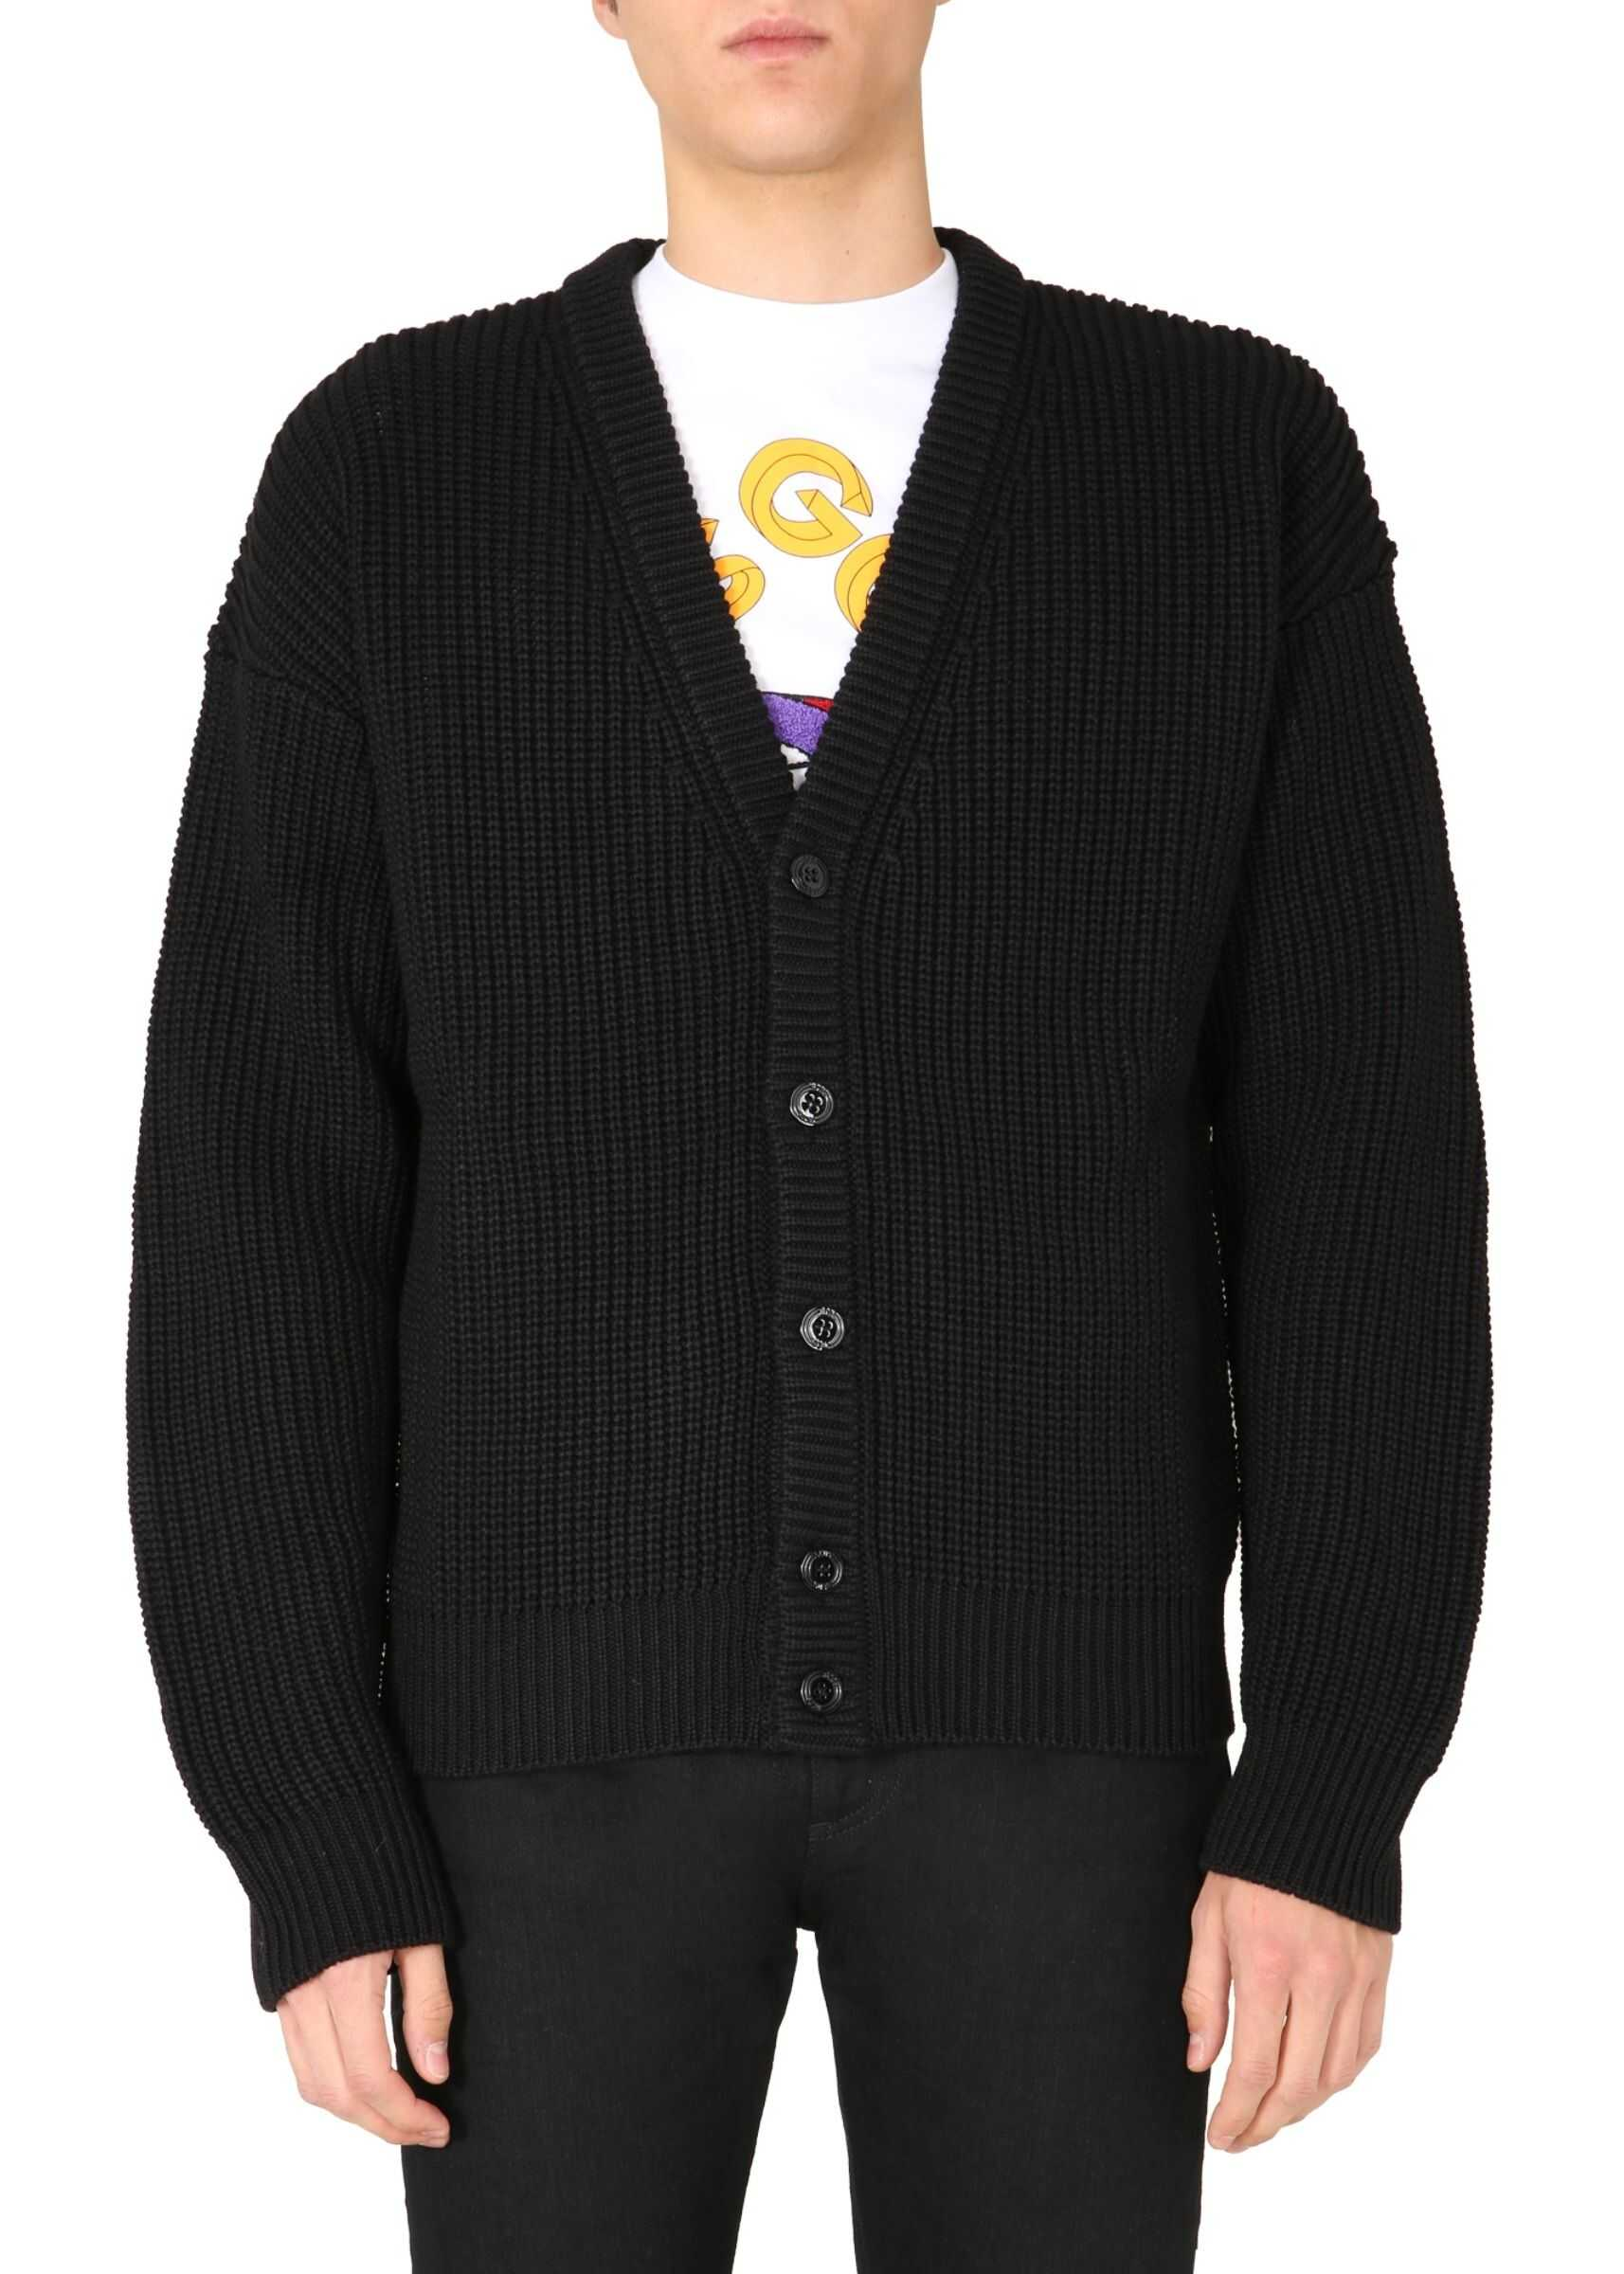 GCDS Oversize Fit Cardigan BLACK imagine